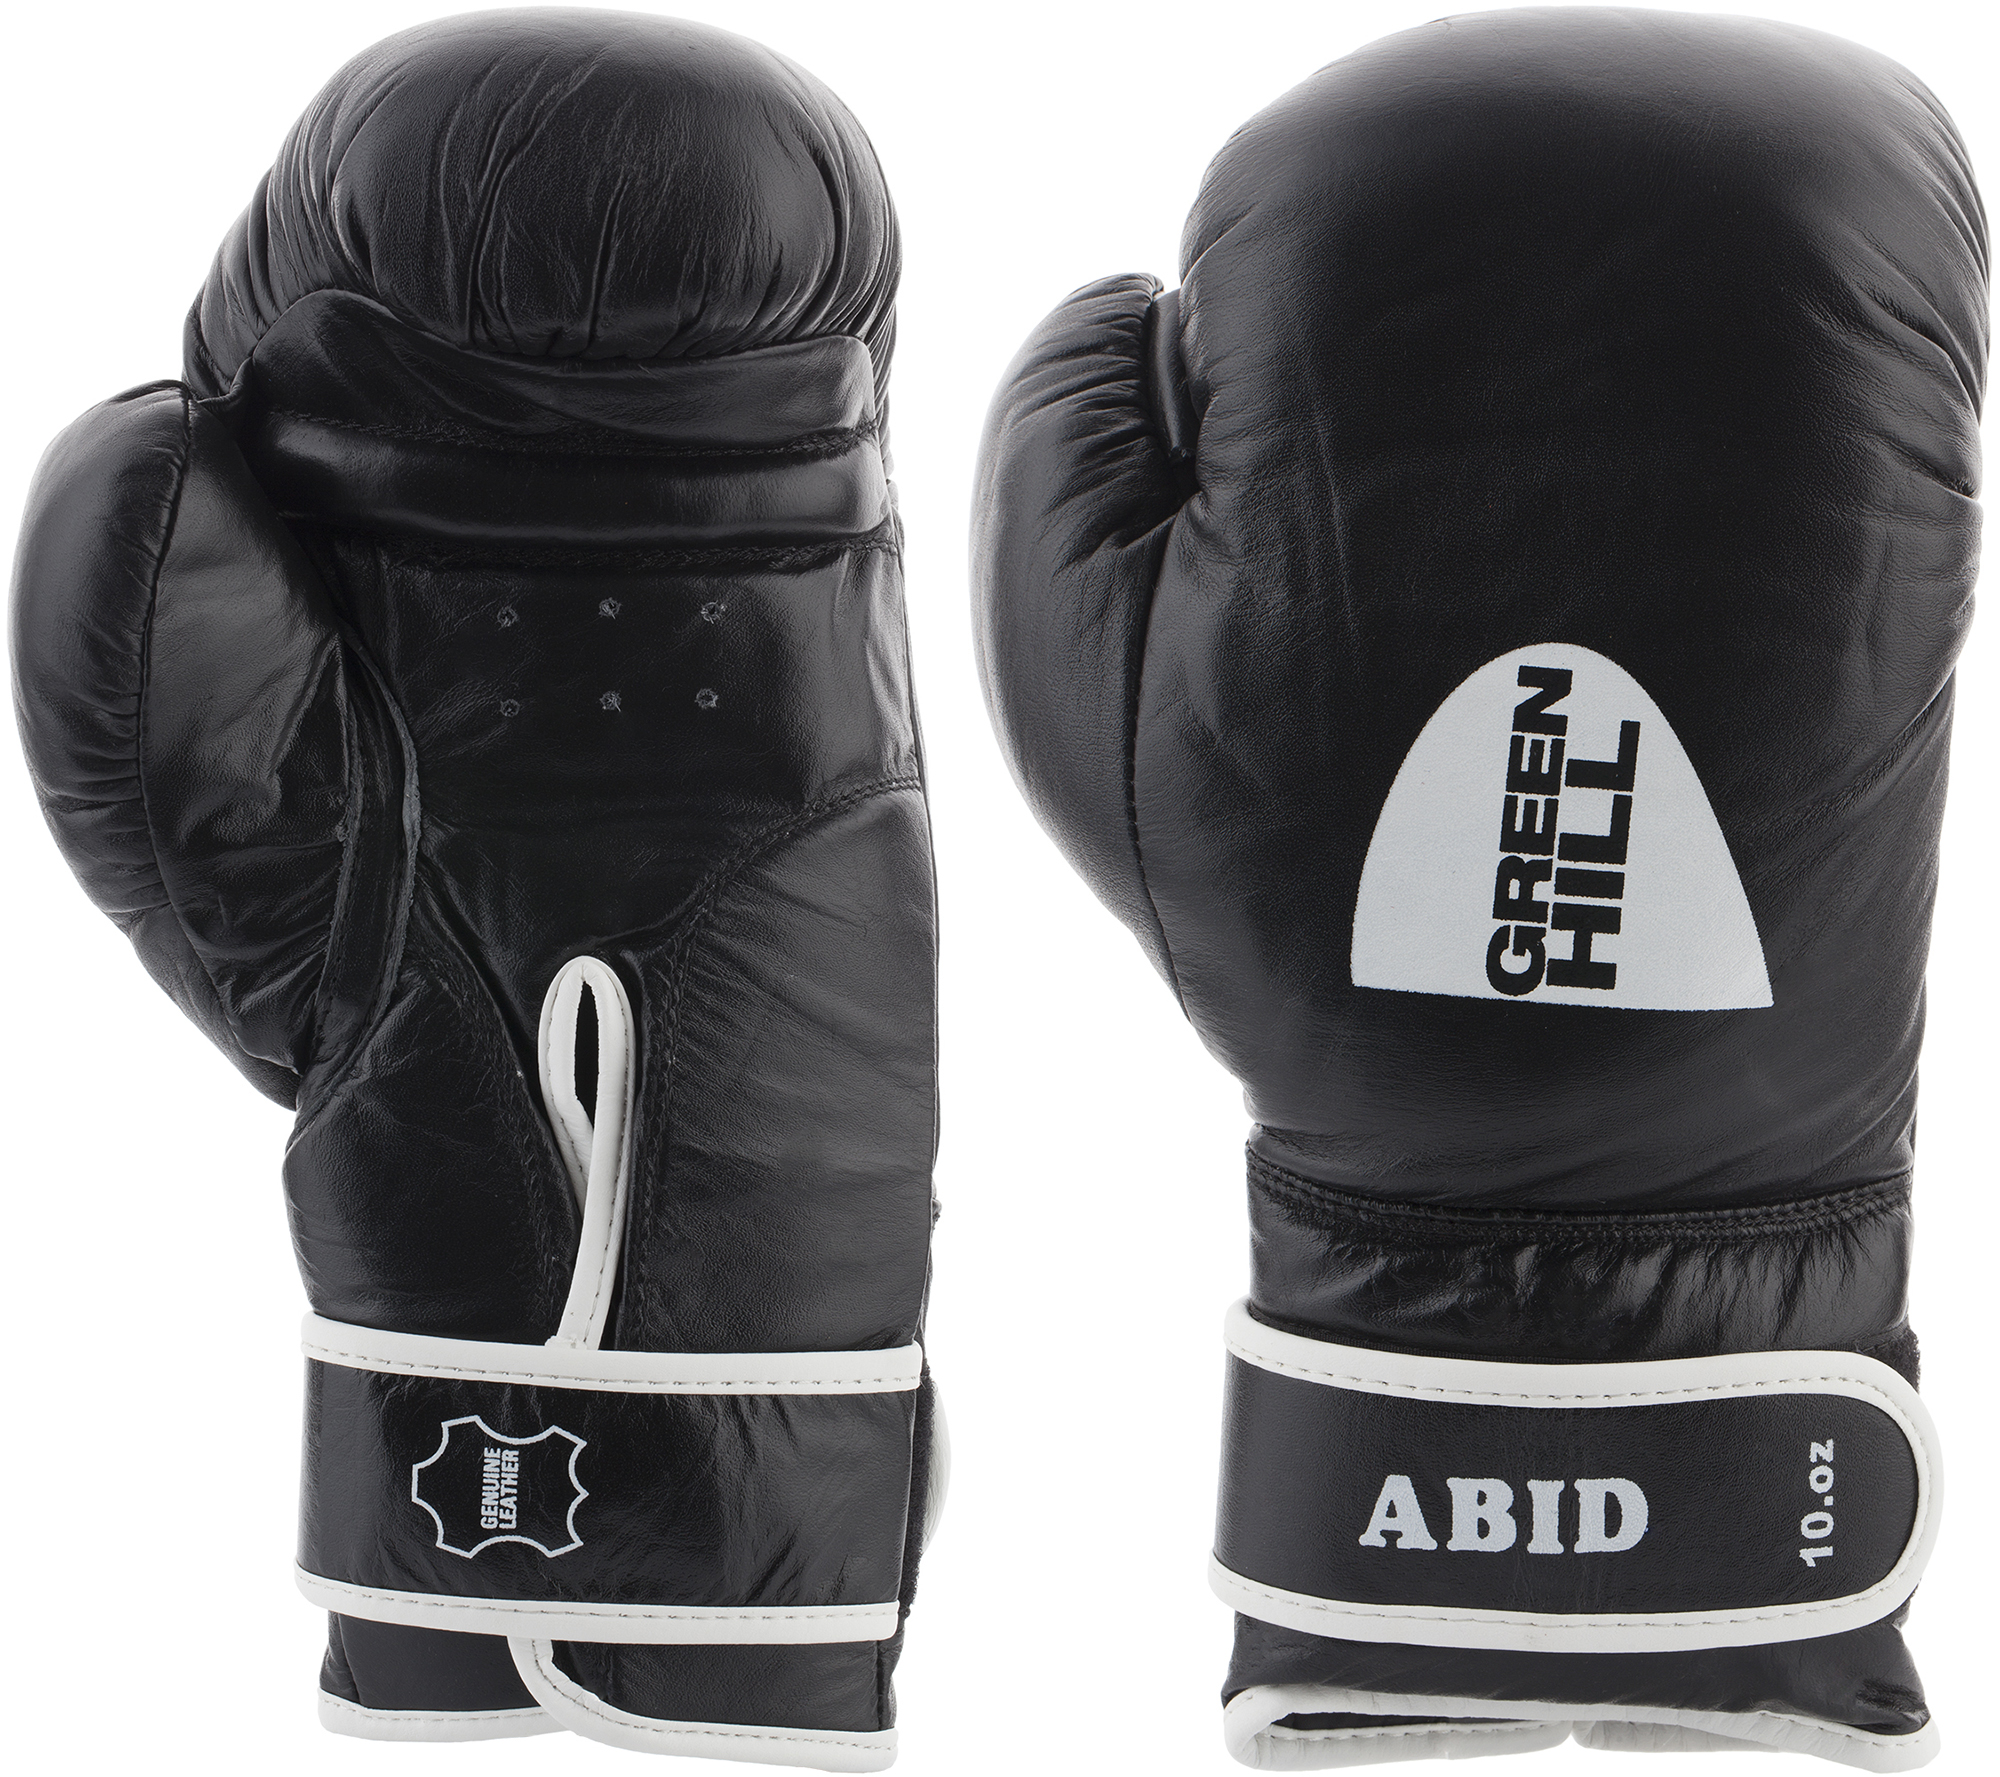 Green Hill Перчатки боксерские Abid, размер 10 oz